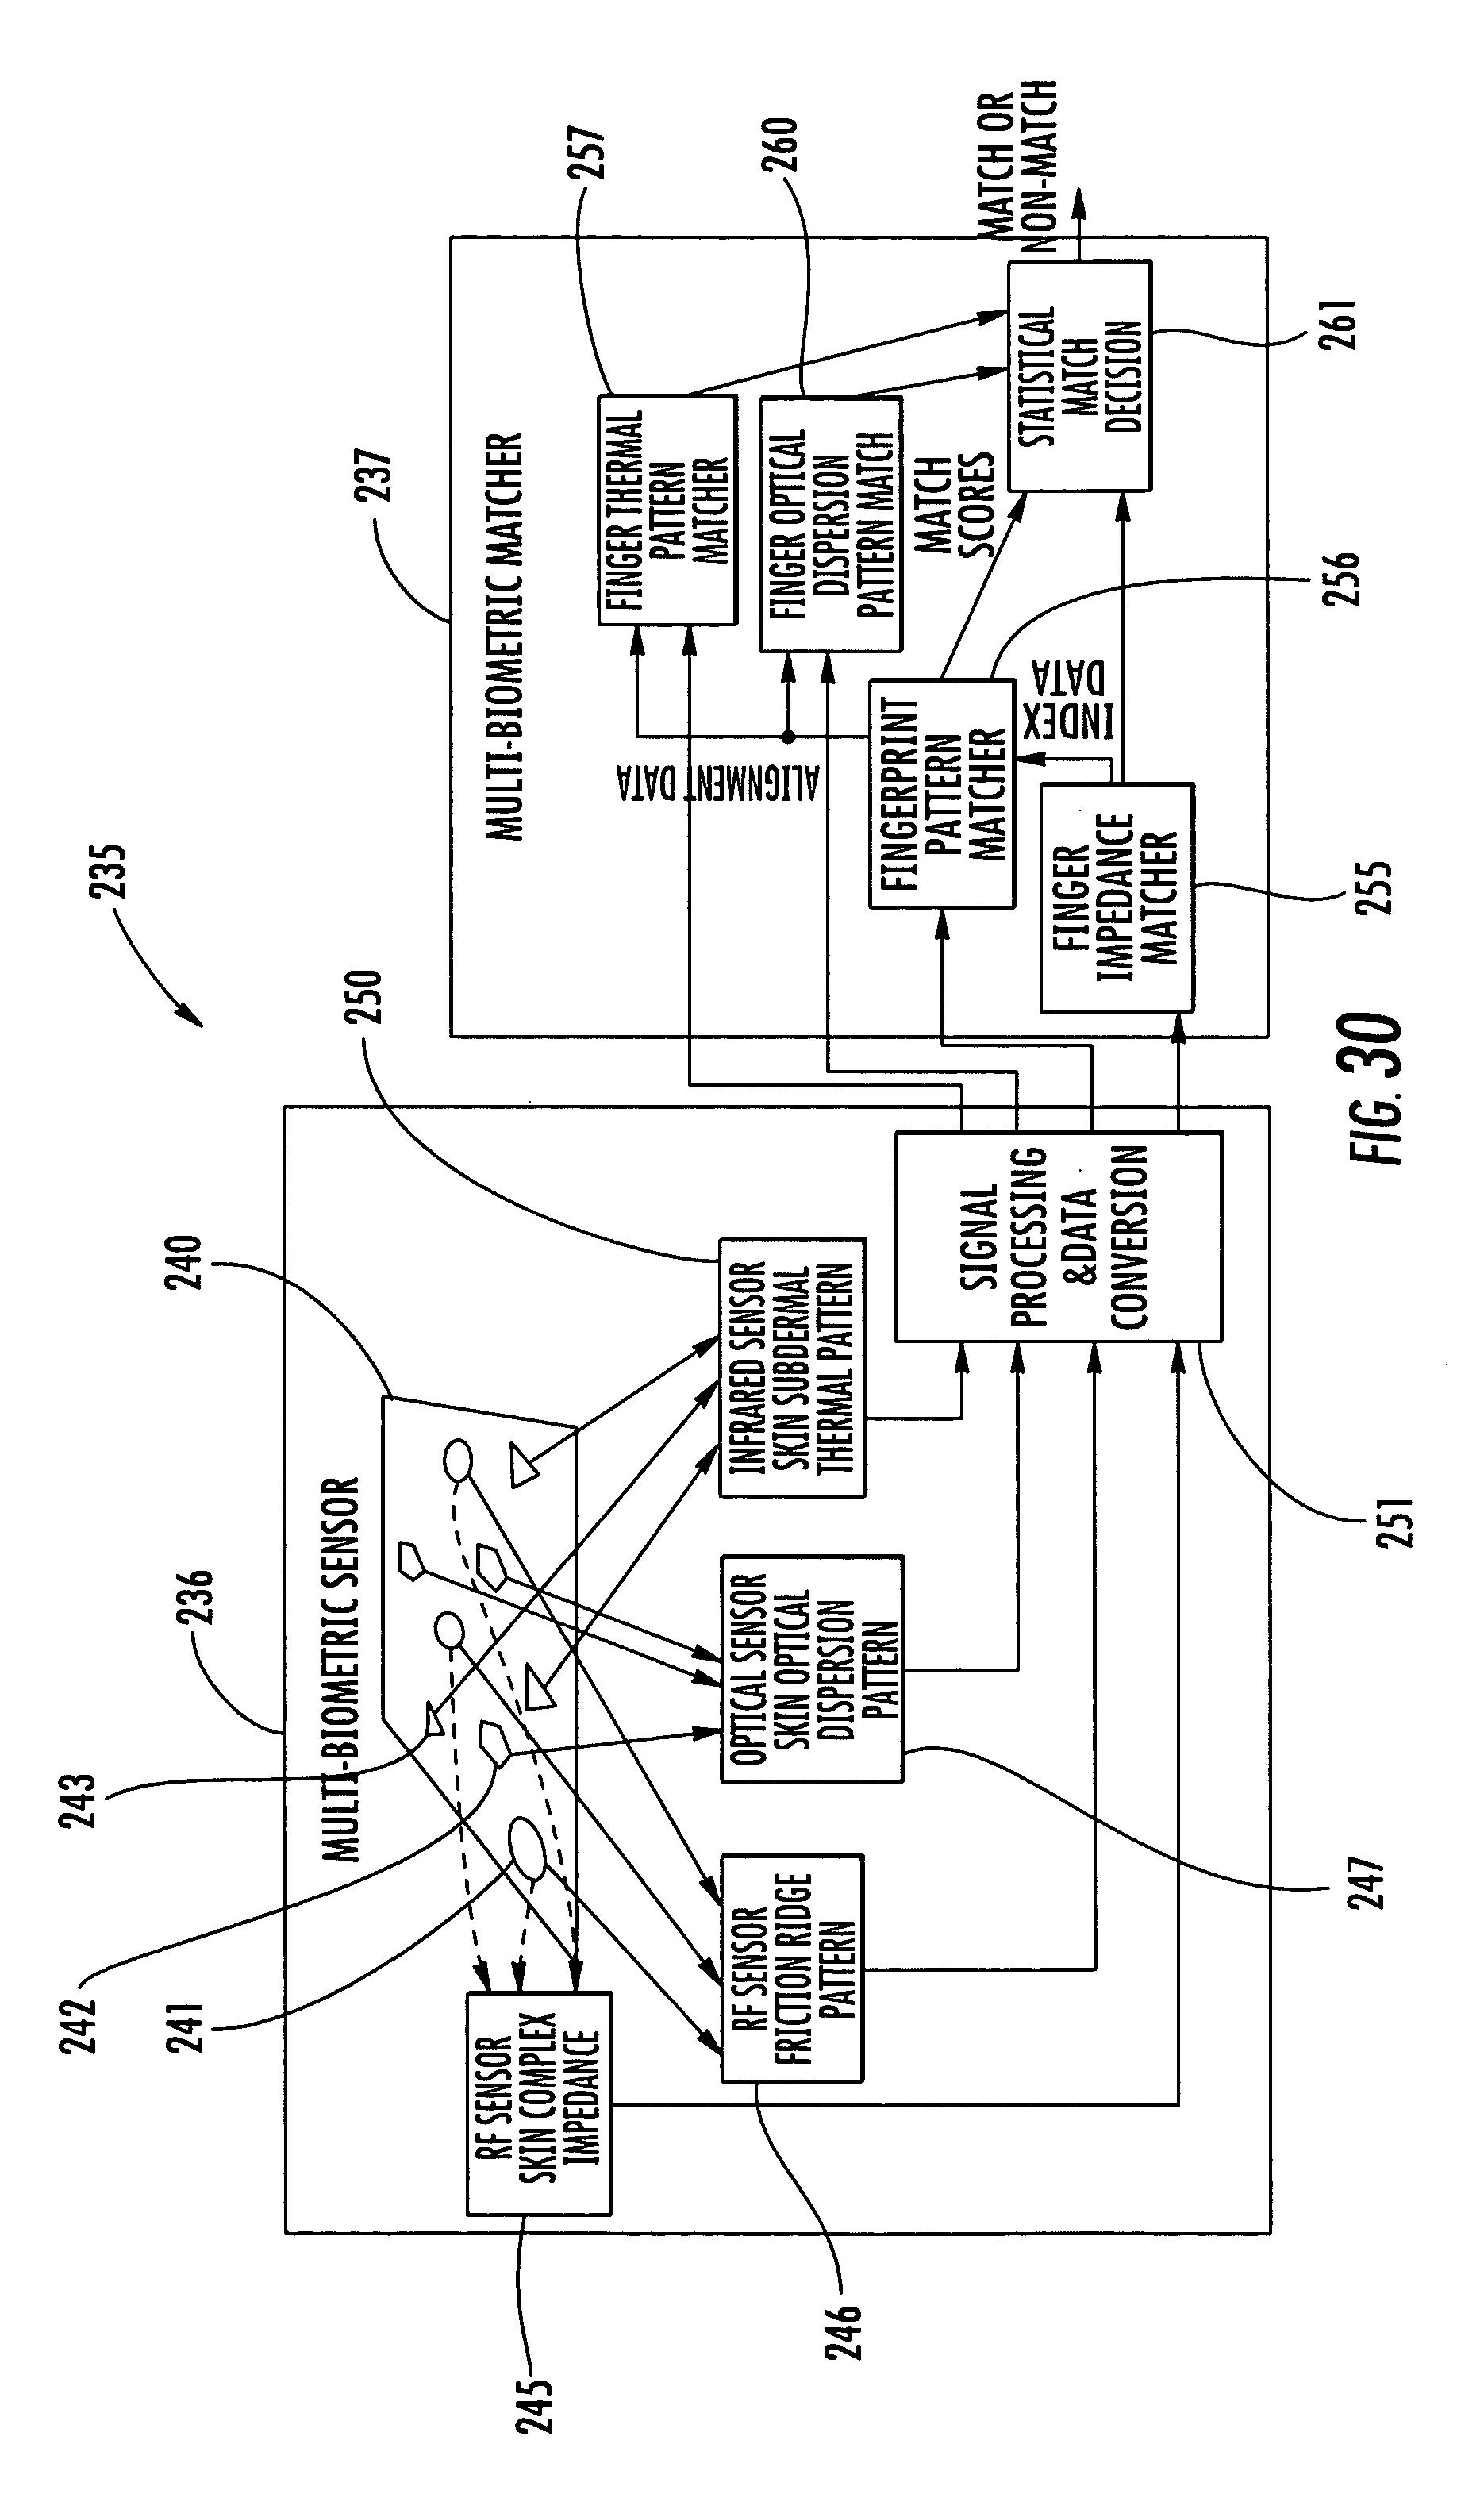 patent us7433729